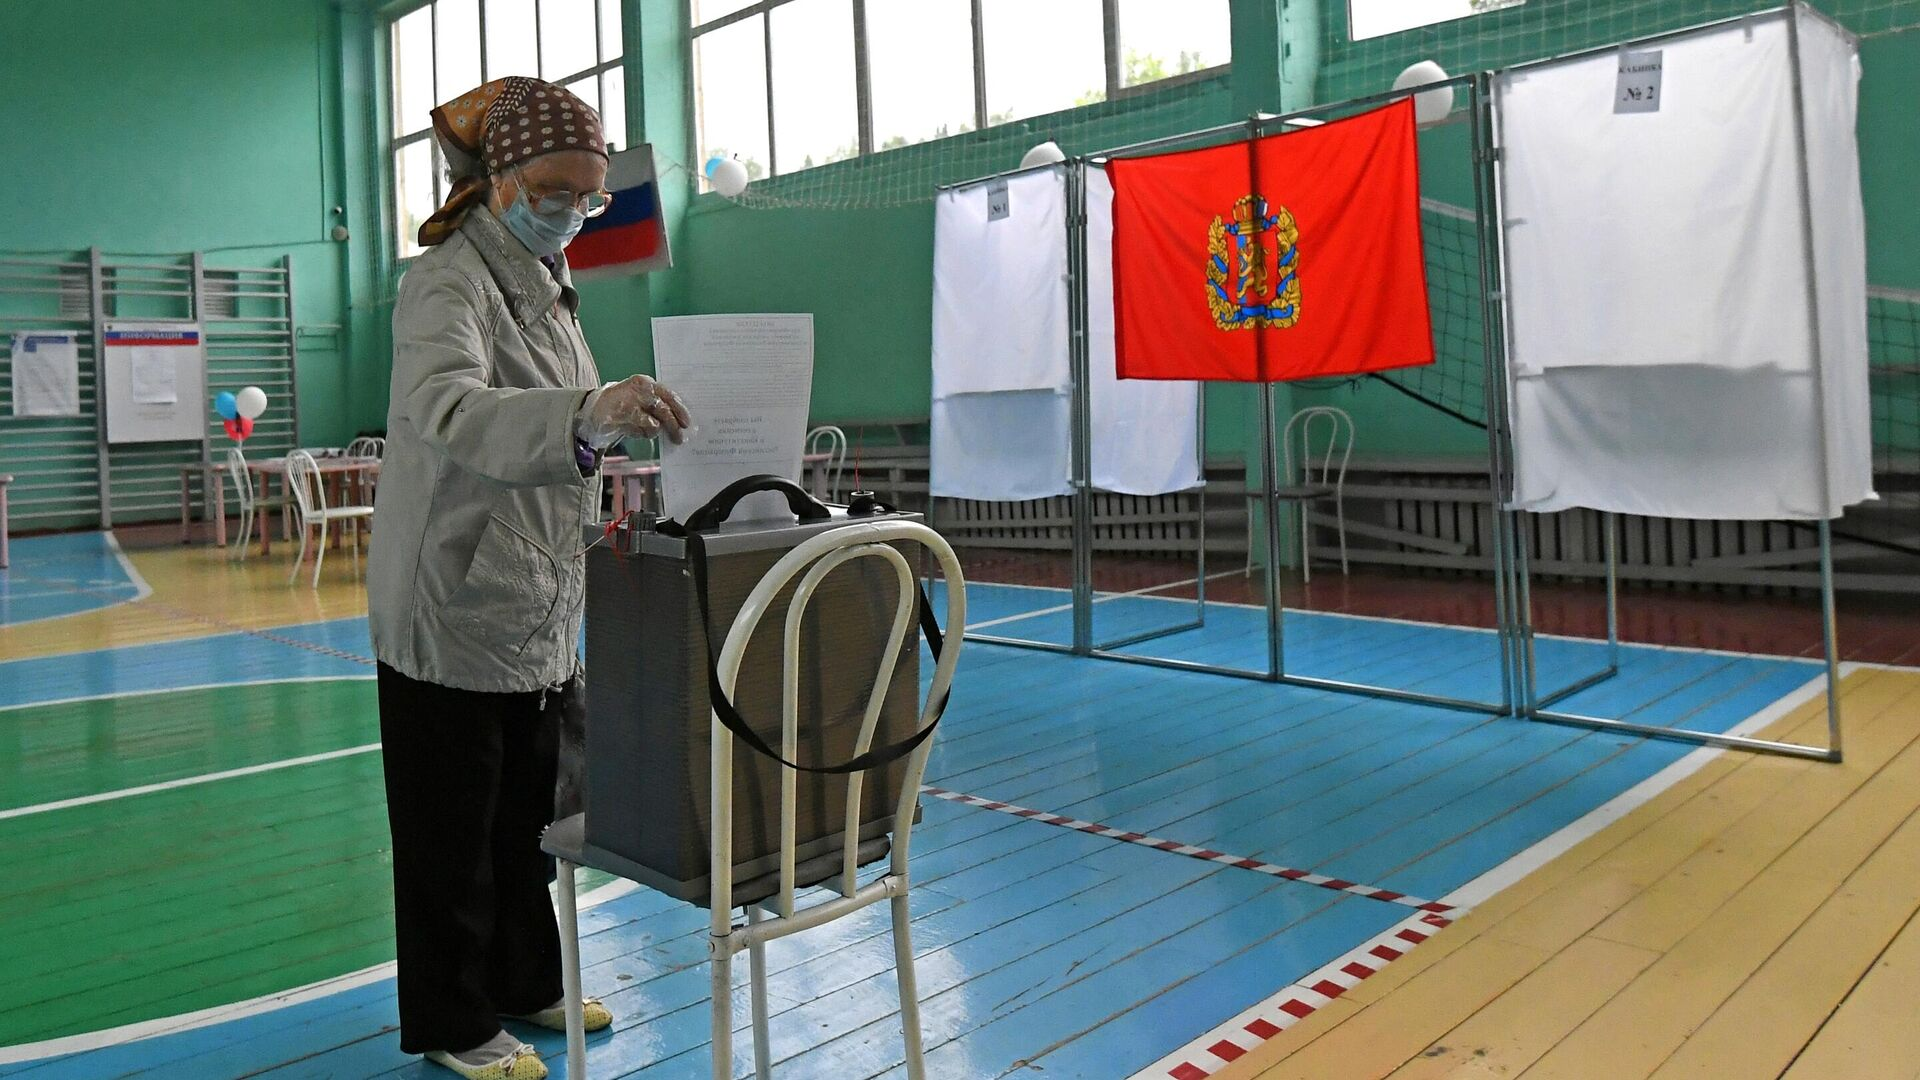 Минпросвещения и ЦИК готовят соглашение по проведению выборов в школах